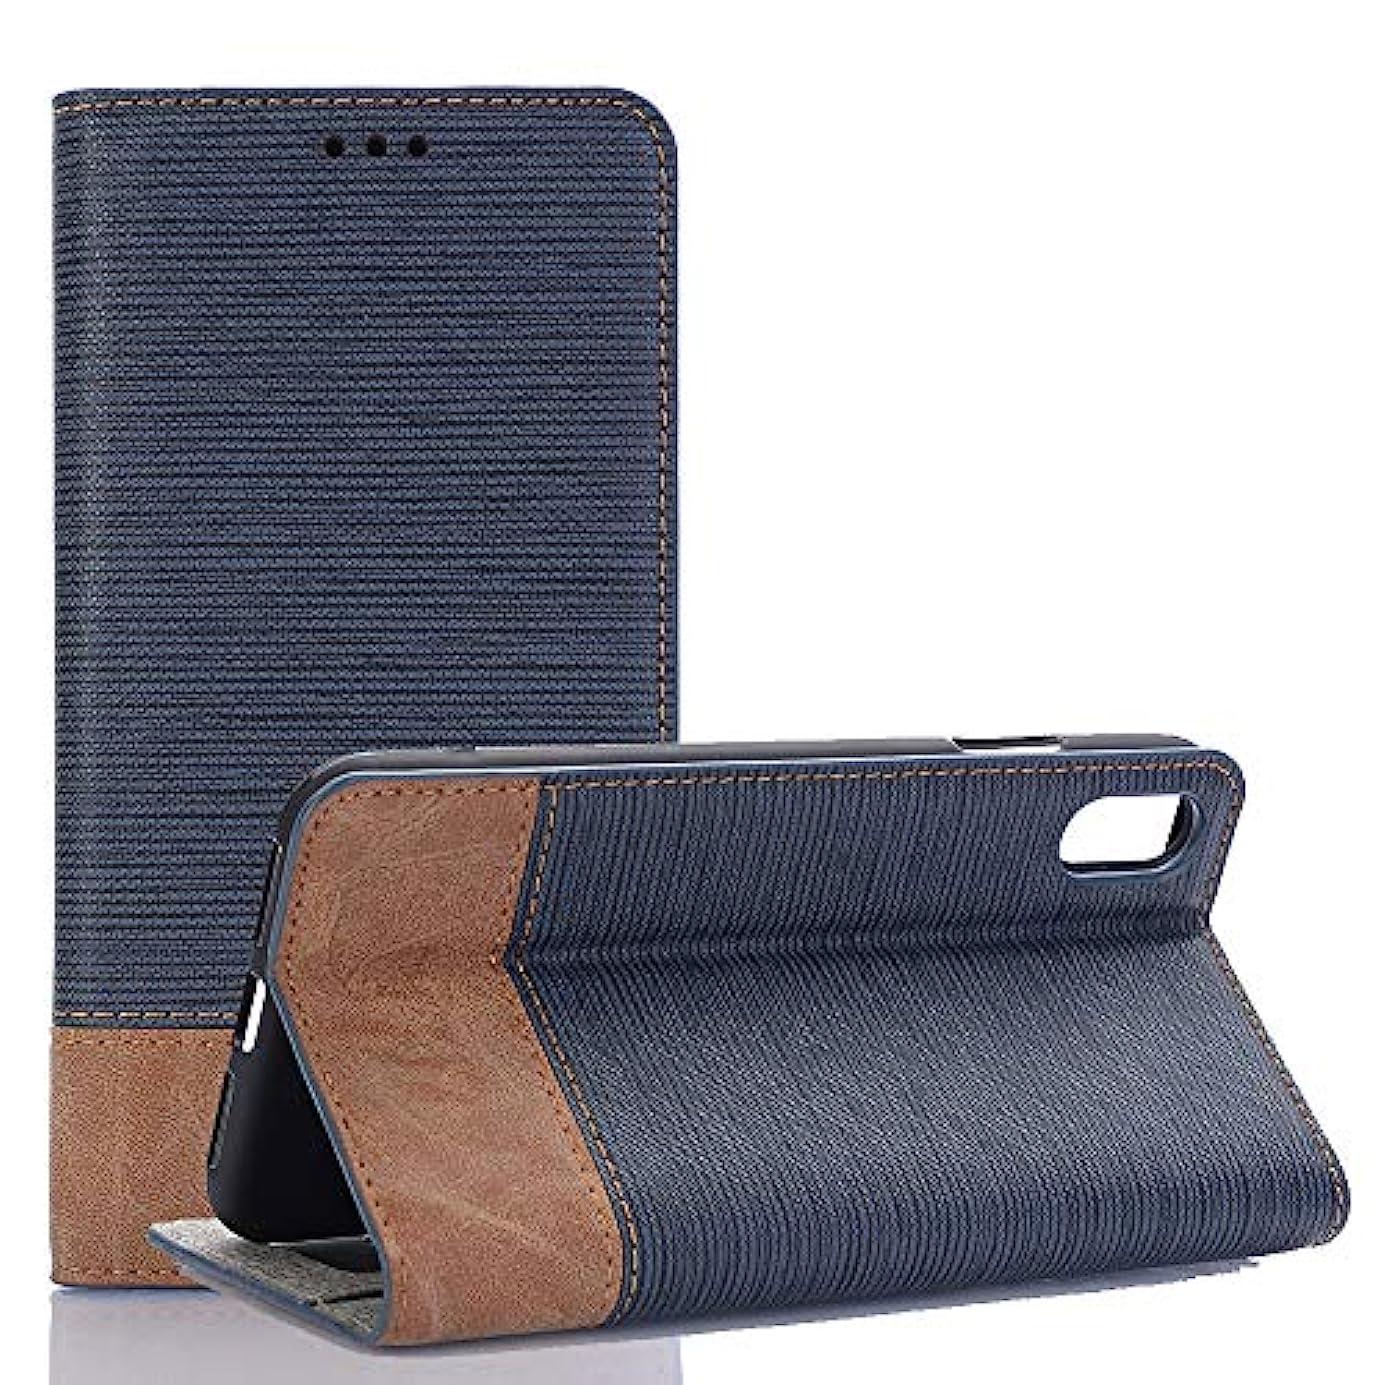 割り込み旅行者ブリーフケースGalaxy S9 ケース、INorton 本革ケース 全面保護 衝撃吸収 スタンド機能 カード収納 手帳型 スマートケース Galaxy S9対応